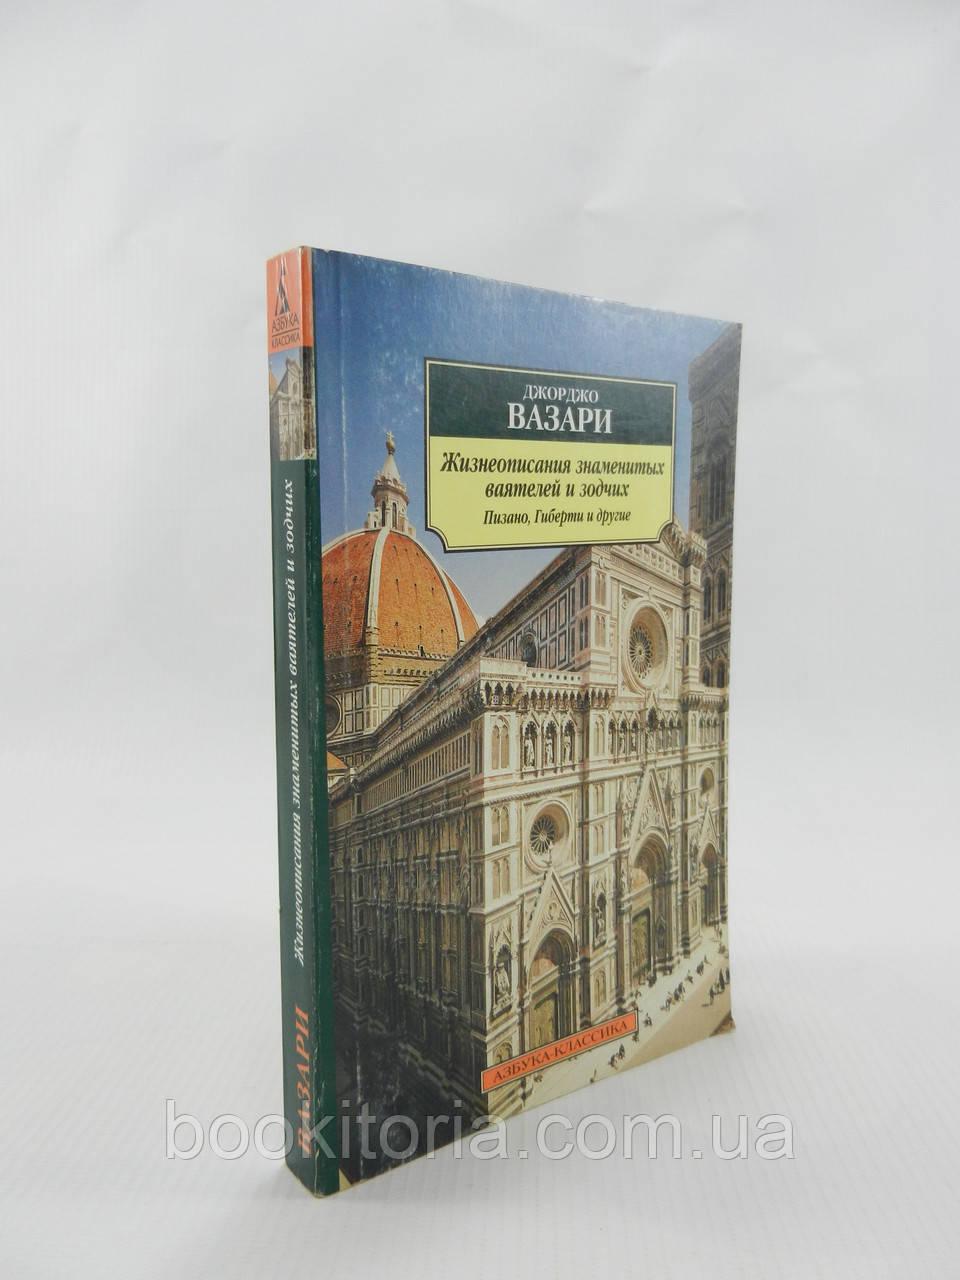 Вазари Дж. Жизнеописания знаменитых ваятелей и зодчих: Пизано, Гиберти и другие (б/у).